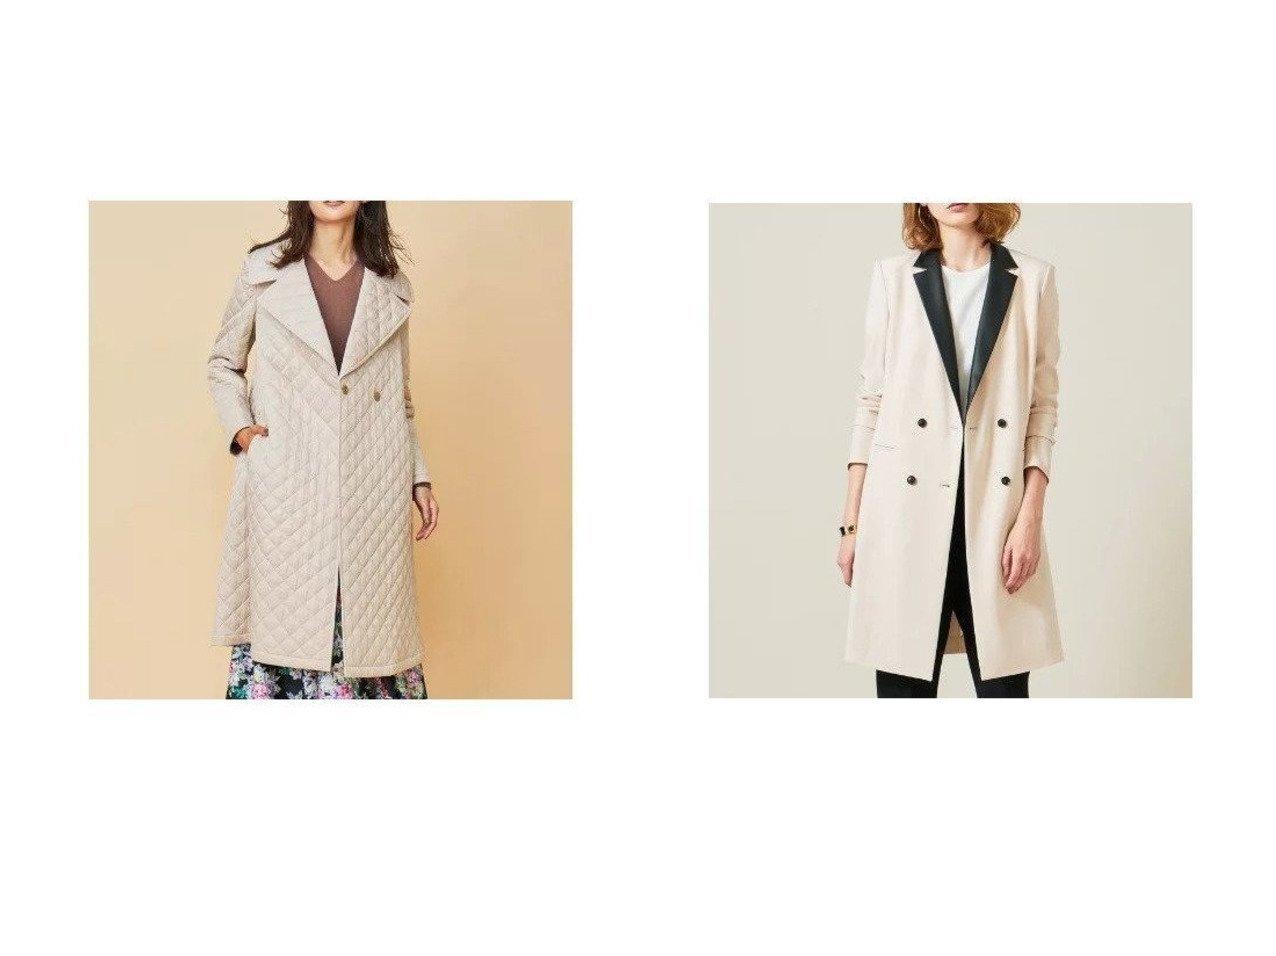 【KUMIKYOKU/組曲】の【Rythme KUMIKYOKU】キルティング ドレス コート&【BEIGE,/ベイジ,】のロングジャケット アウターのおすすめ!人気、トレンド・レディースファッションの通販 おすすめで人気の流行・トレンド、ファッションの通販商品 メンズファッション・キッズファッション・インテリア・家具・レディースファッション・服の通販 founy(ファニー) https://founy.com/ ファッション Fashion レディースファッション WOMEN アウター Coat Outerwear ジャケット Jackets コート Coats ワンピース Dress ドレス Party Dresses クール サテン シンプル ジャケット スタイリッシュ ストレッチ スマート セットアップ ドレープ 定番 人気 モノトーン ロング キルティング キルト コレクション ツイル ドレス パターン フラワー ベーシック モチーフ ローズ |ID:crp329100000009351